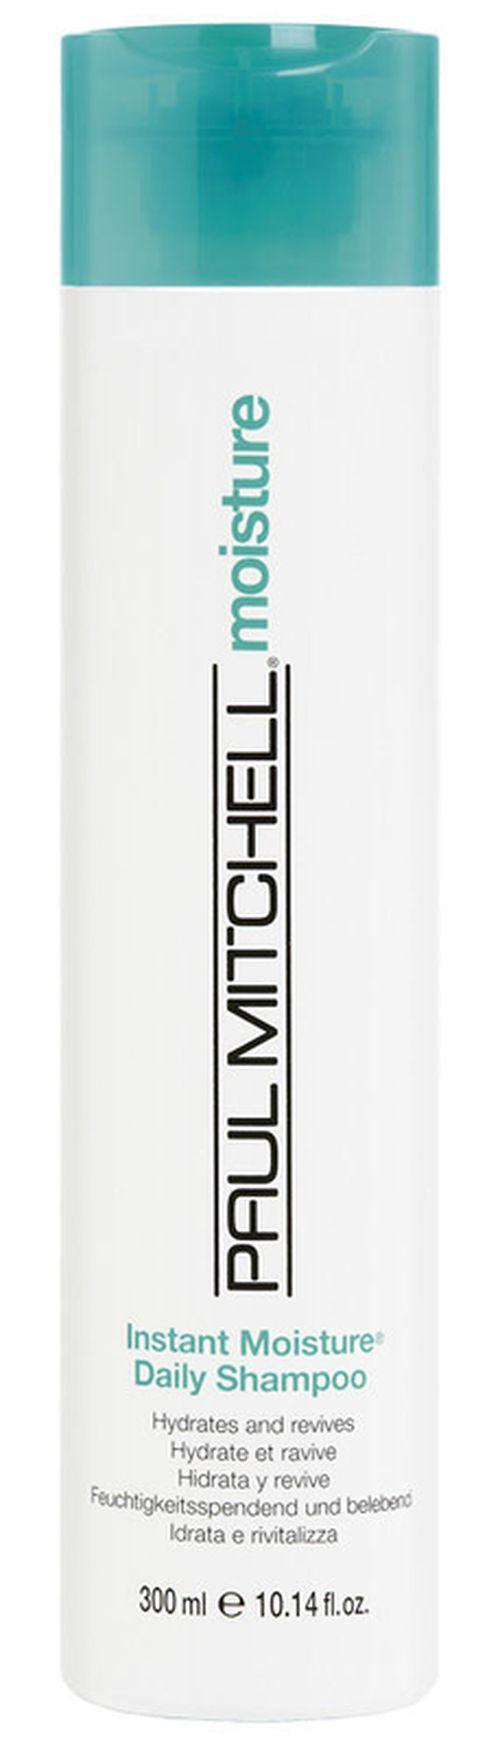 купить ШАМПУНЬ MOISTURE instant moisture shampoo 300 ml в Кишинёве